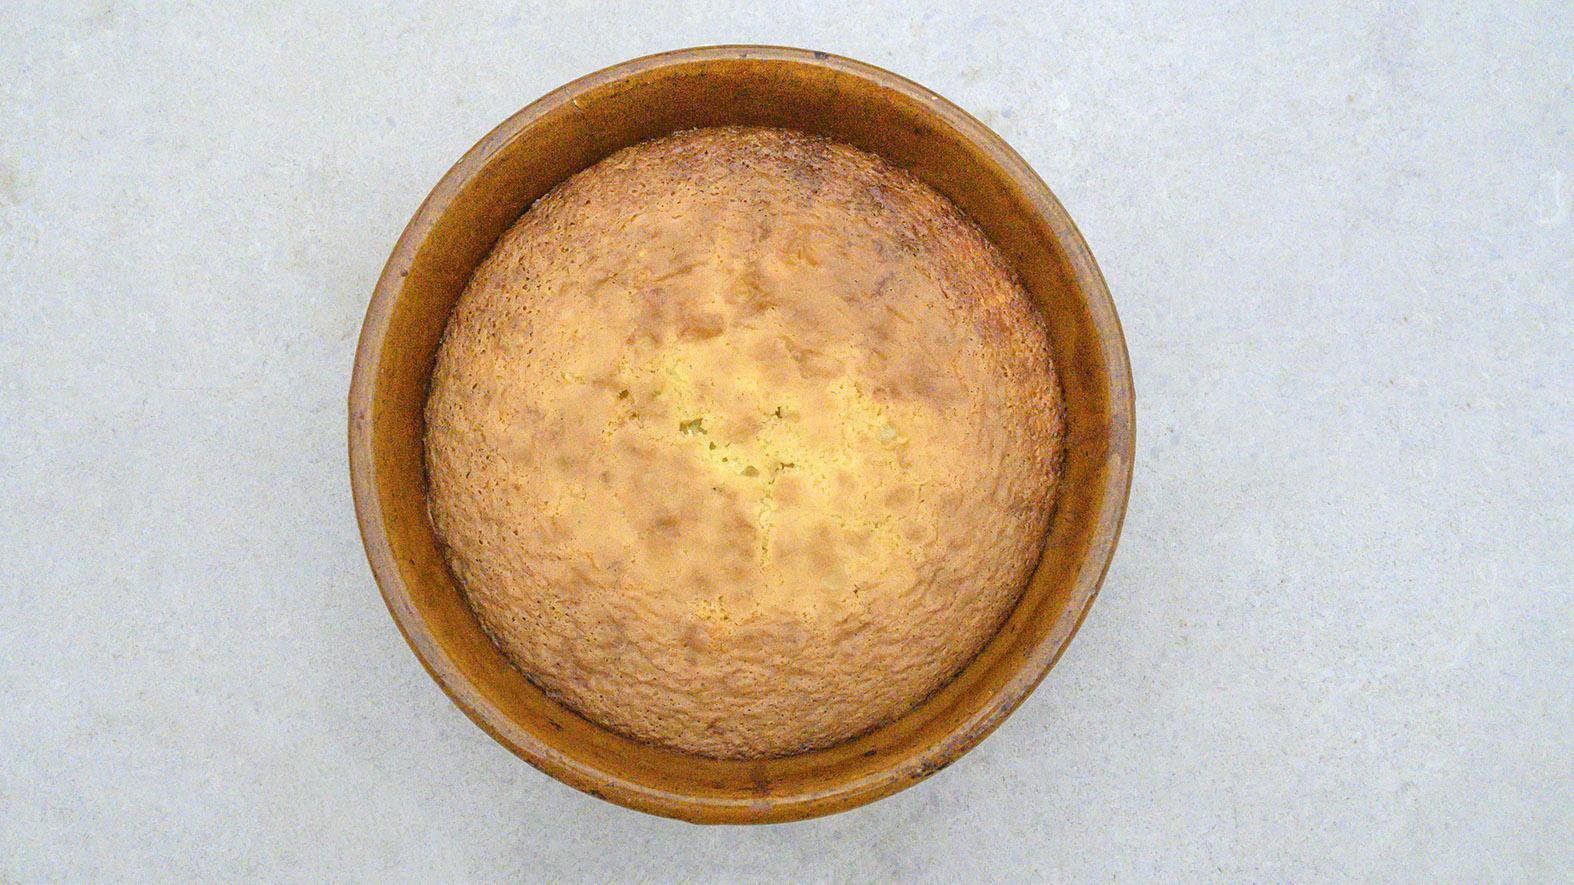 Clafoutis aux cérises frisch aus dem Ofen. Foto: Hilke Maunder